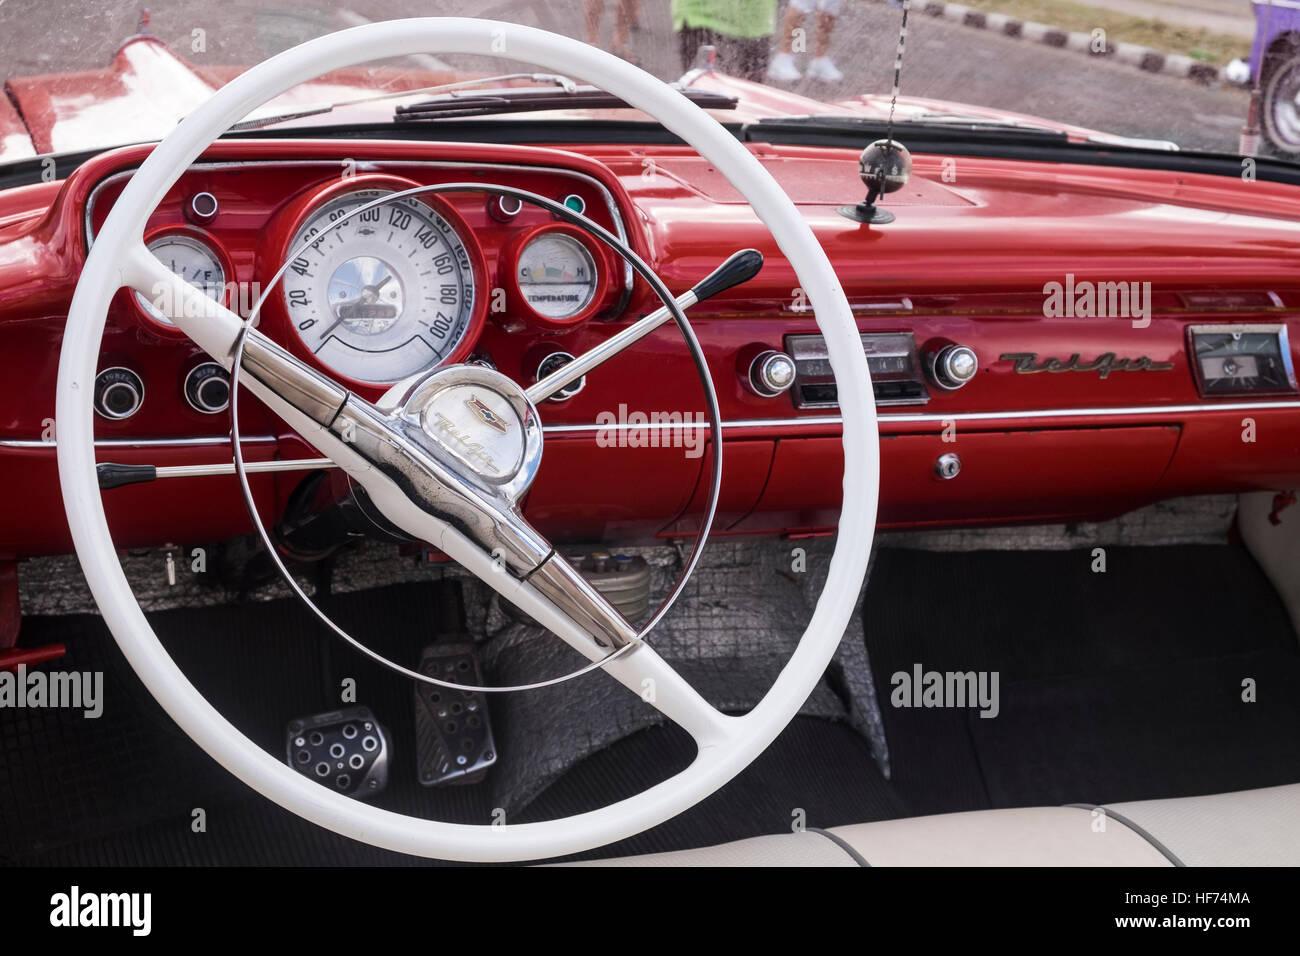 Armaturenbrett oldtimer  Lenkrad und Armaturenbrett ein 1950er Jahre Chevrolet Belair, alte ...